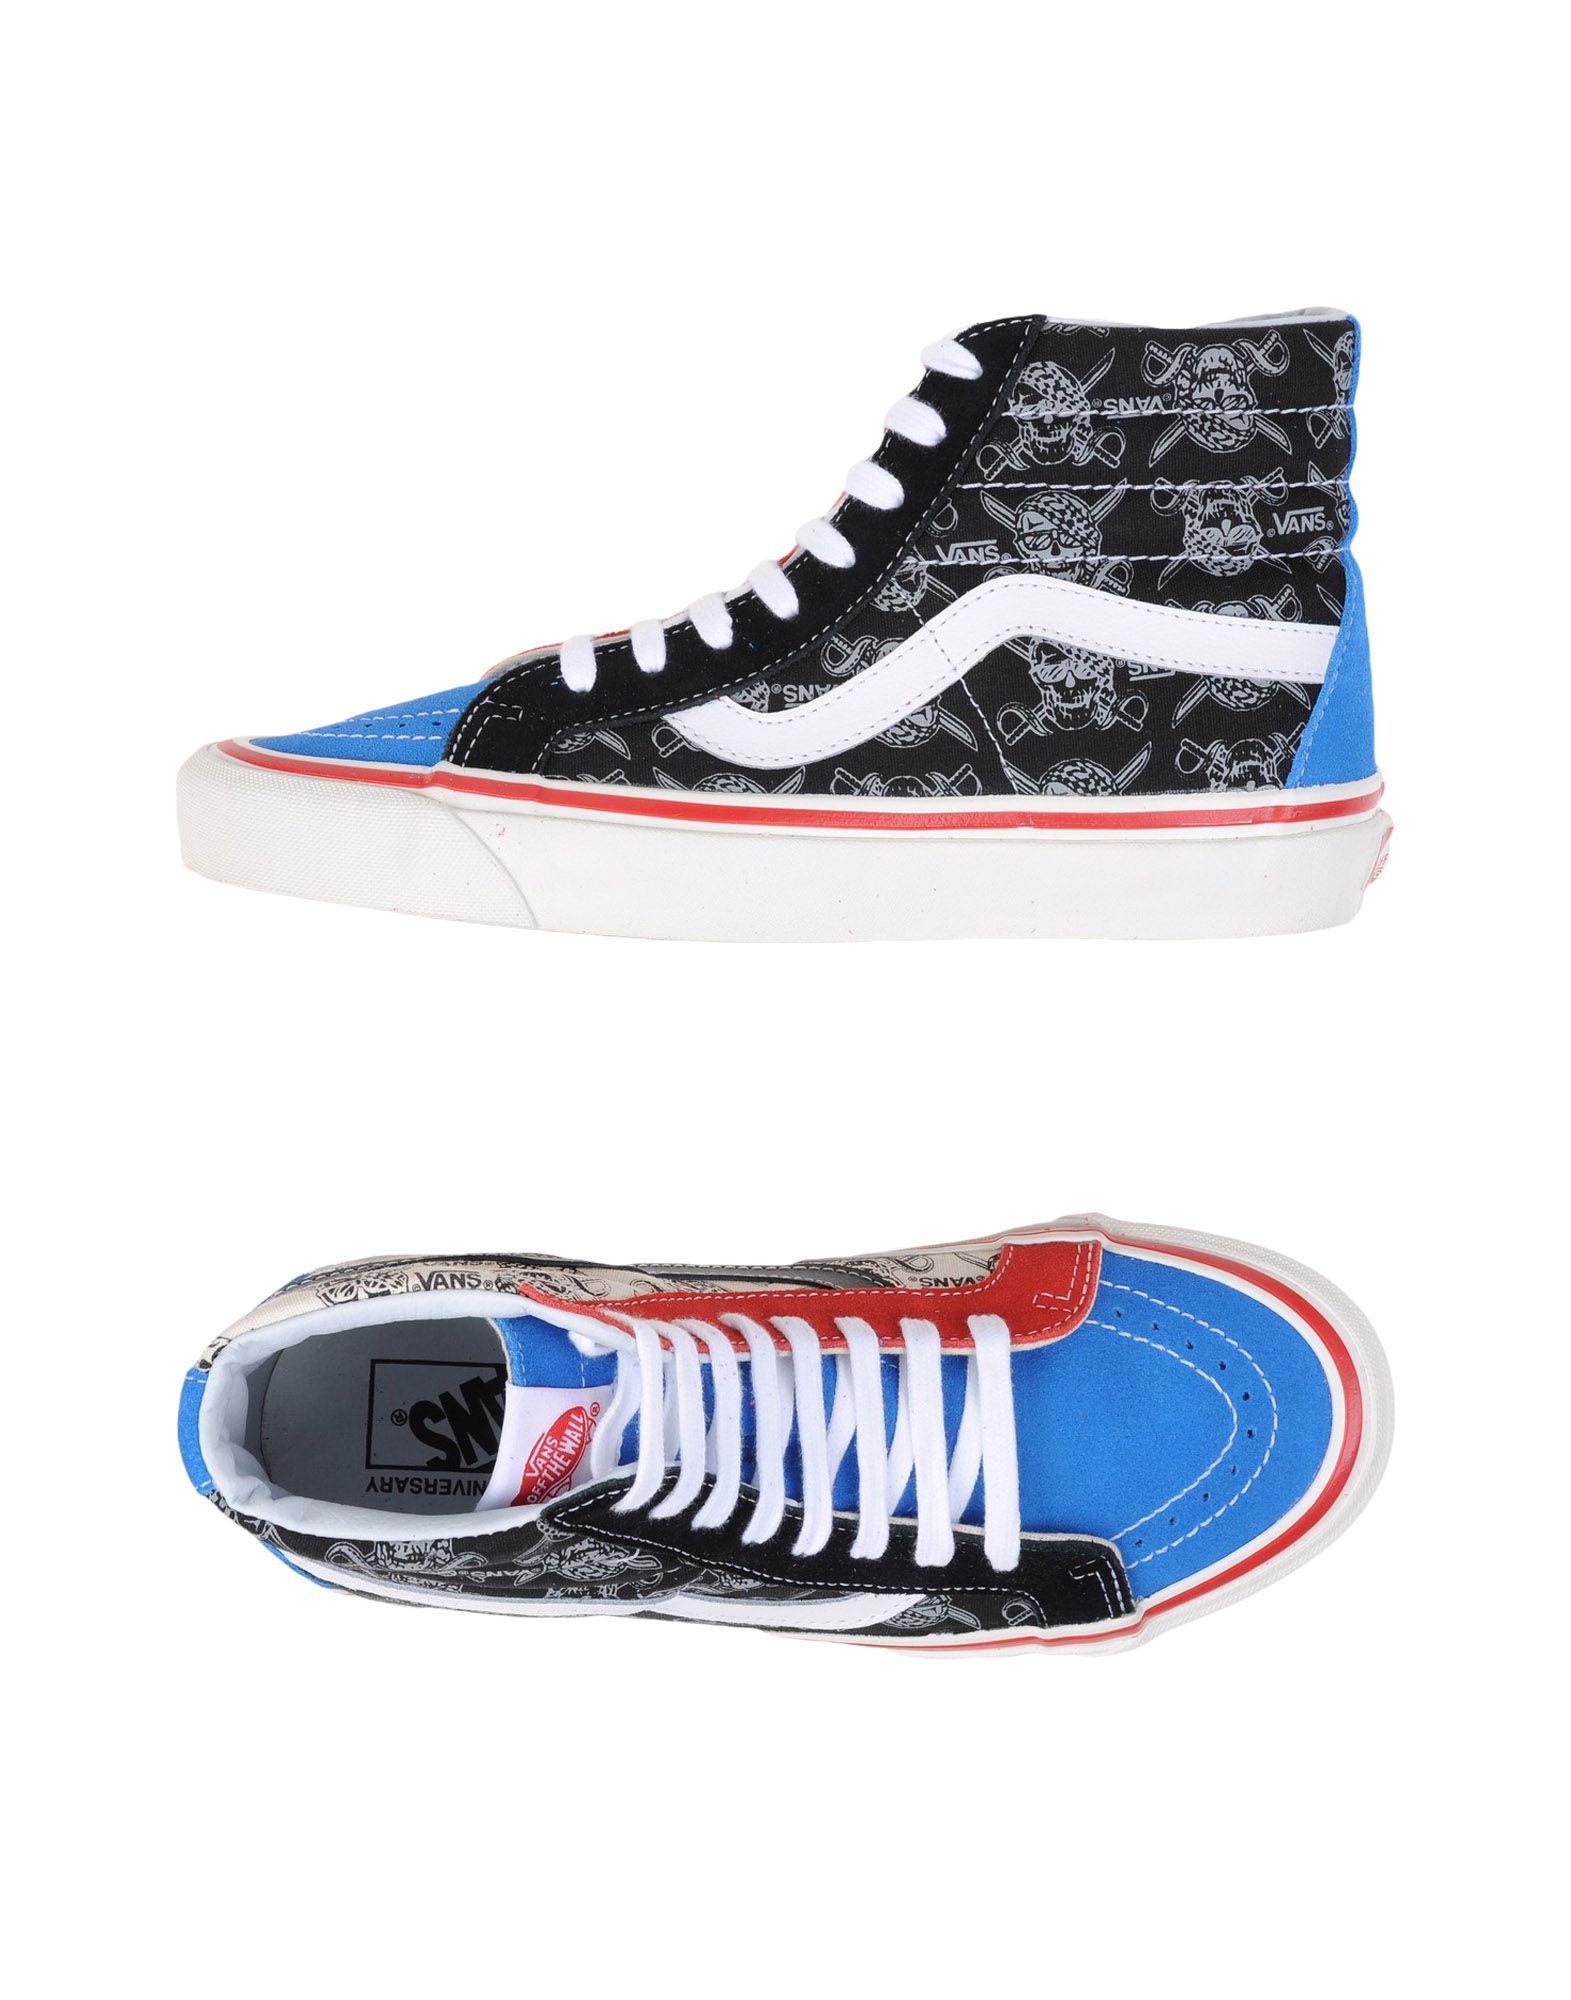 Sneakers Vans Sk8-Hi 38 Reissue - Homme - Sneakers Vans sur